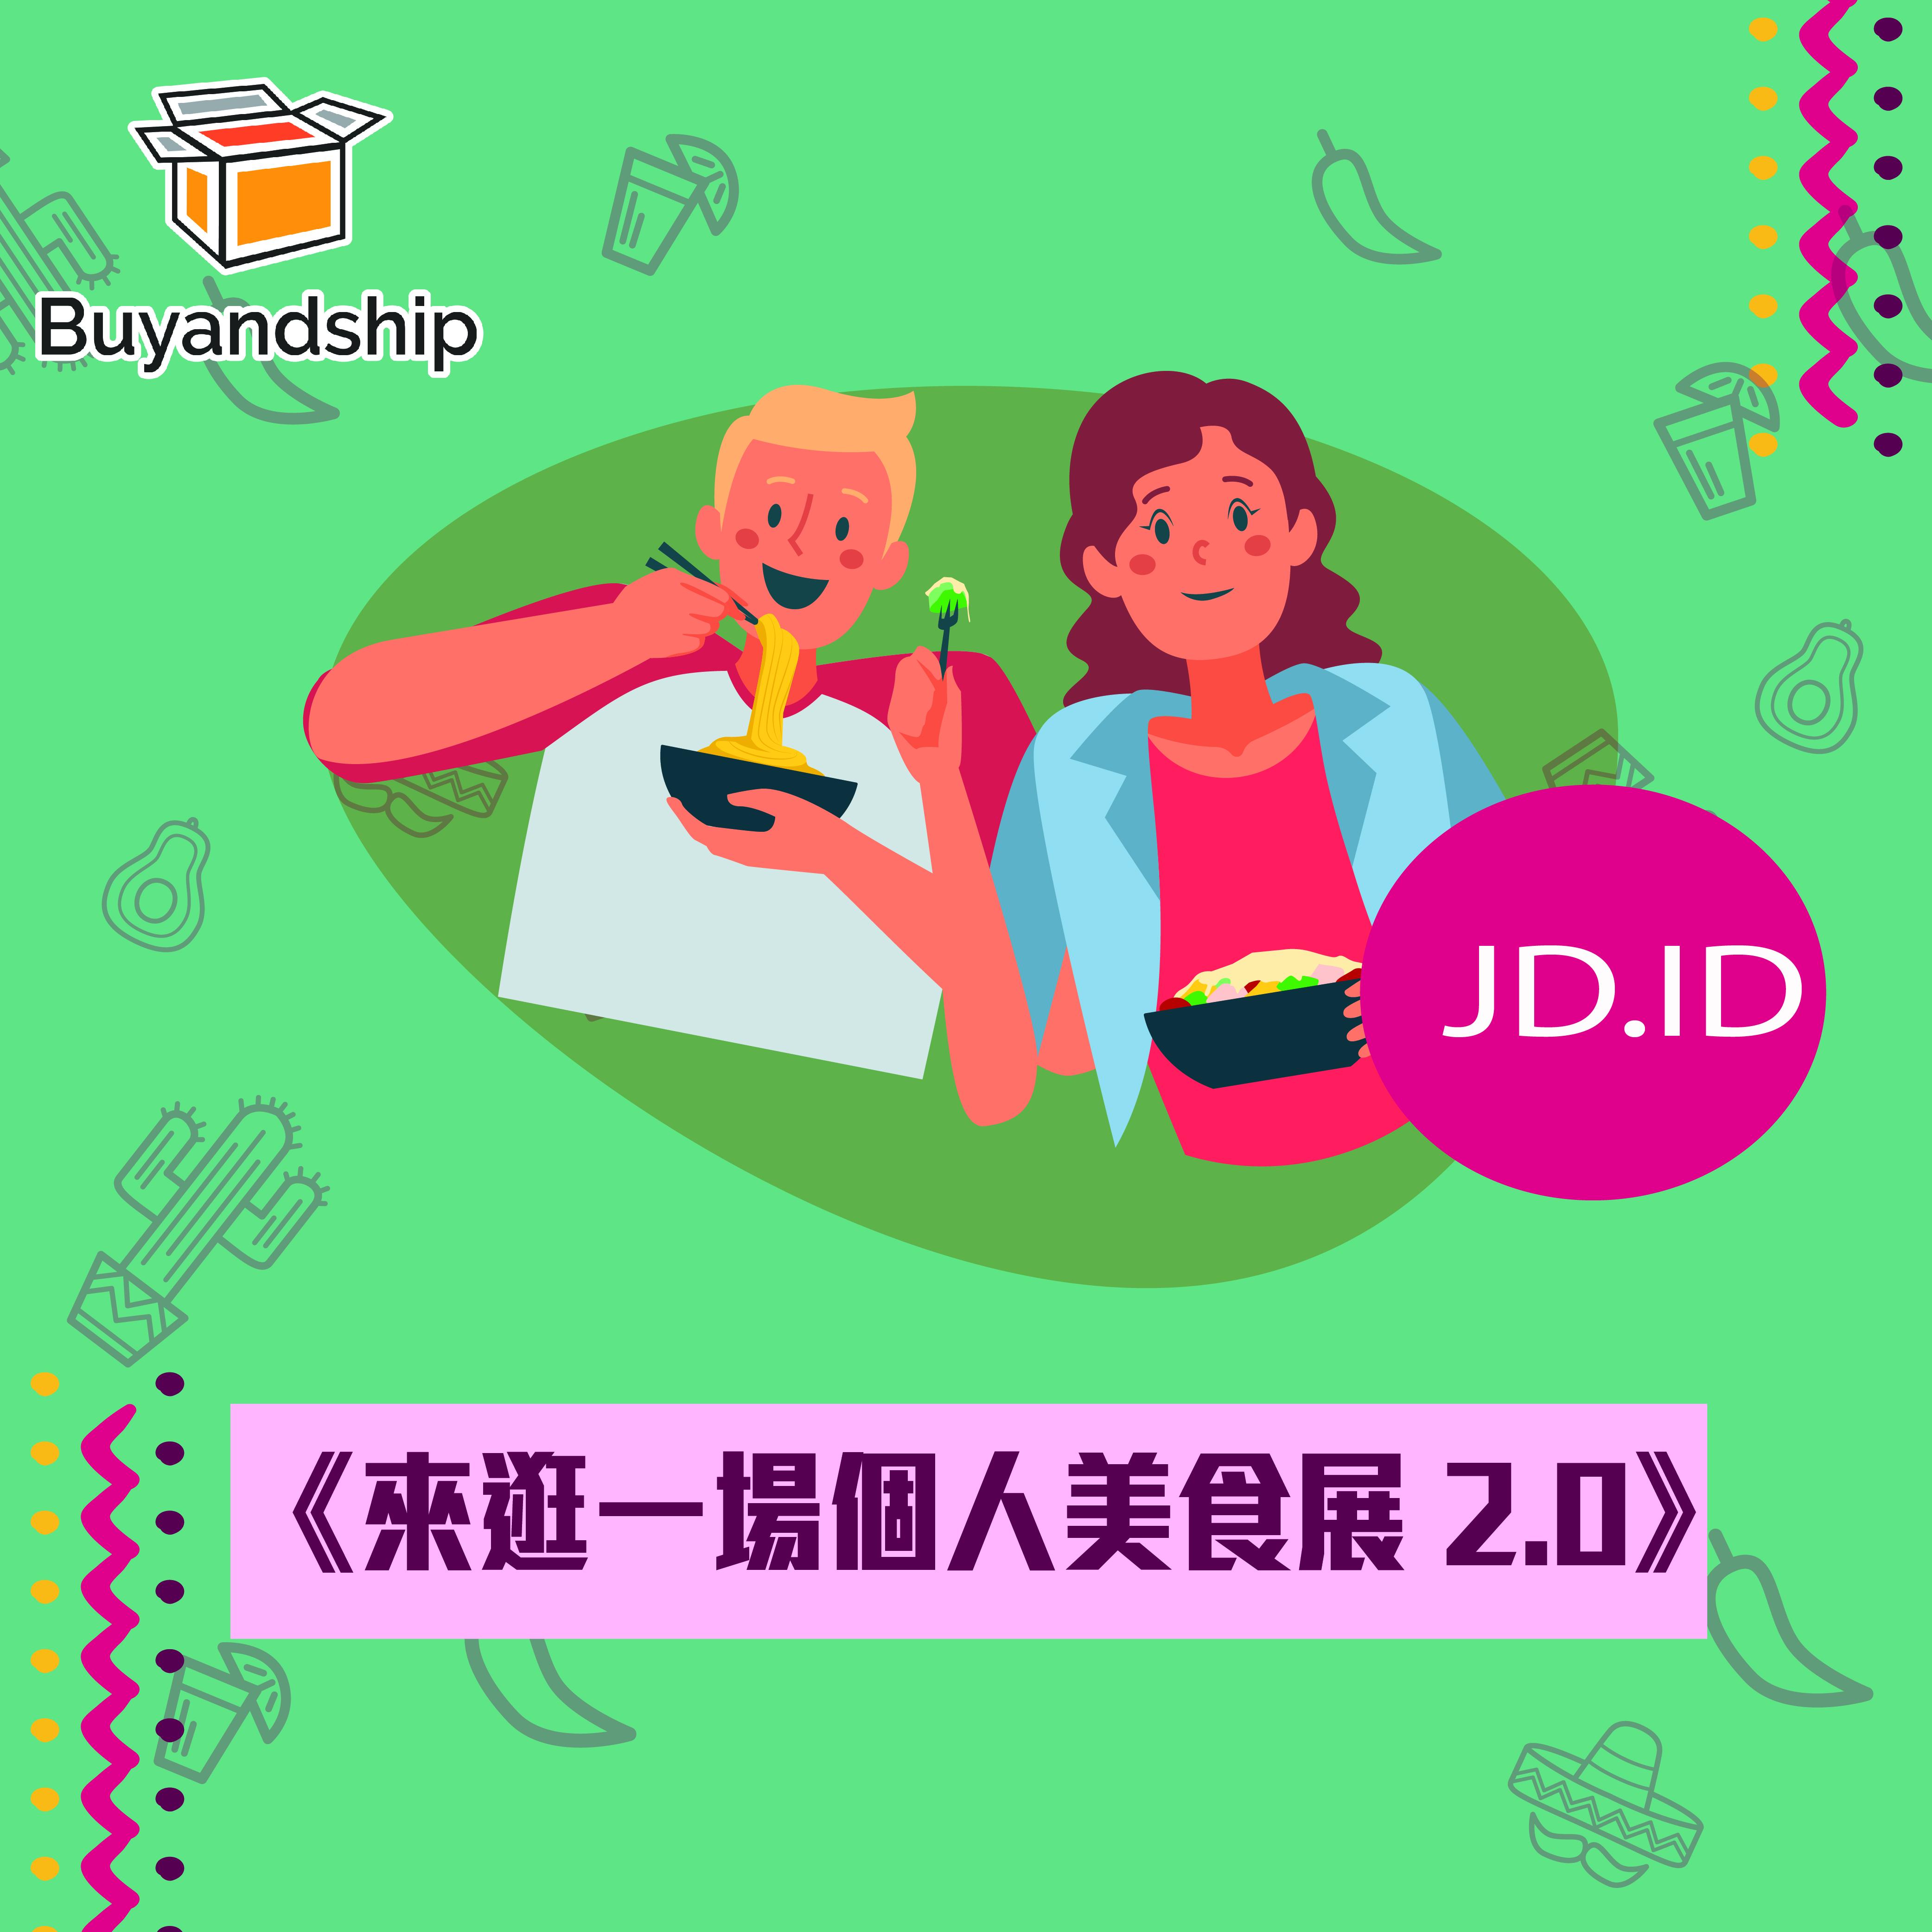 印尼-網購-美食-京東-jdid